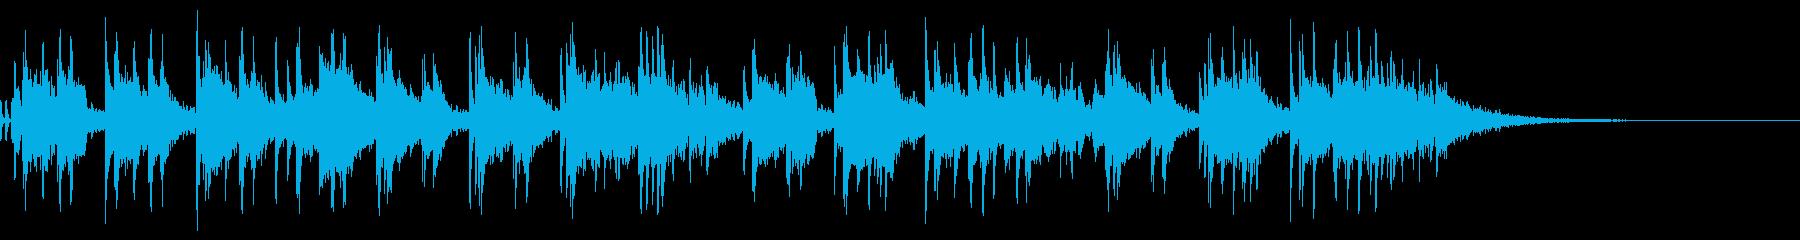 和風 三味線  粋でキレ!のある曲 日本の再生済みの波形